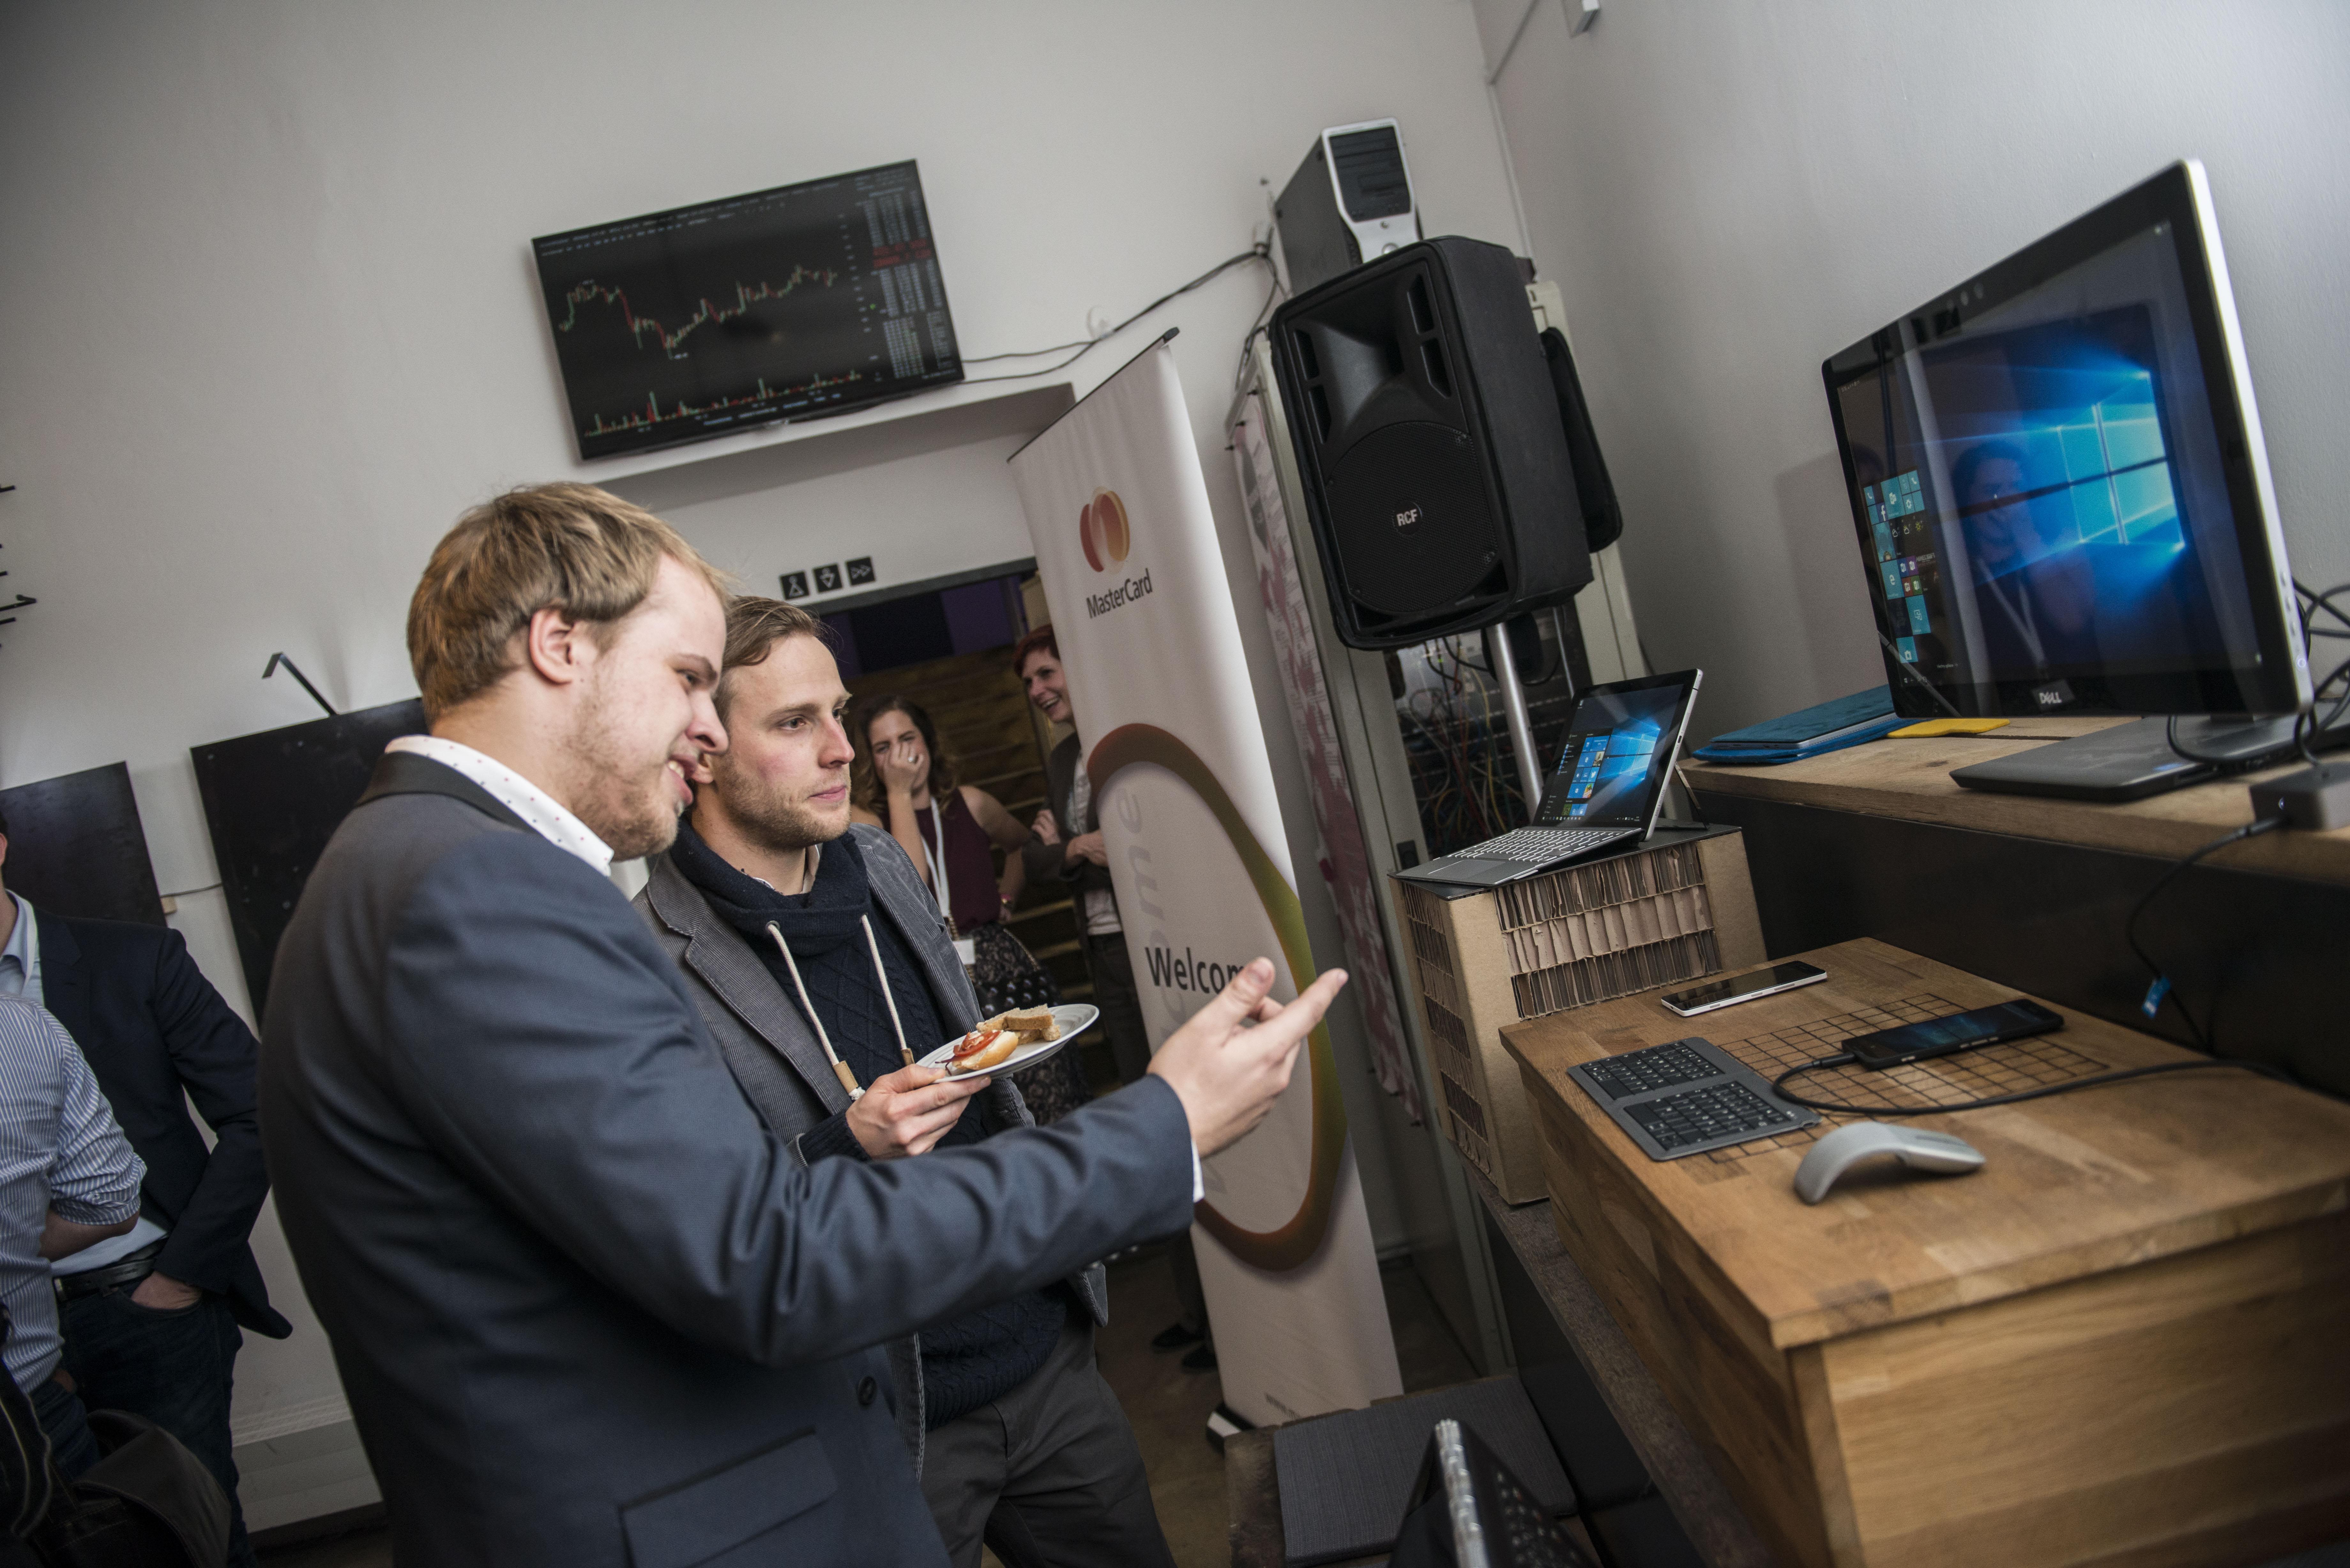 Výstava společnosti Microsoft, o kterou se postaral Jan Hruška